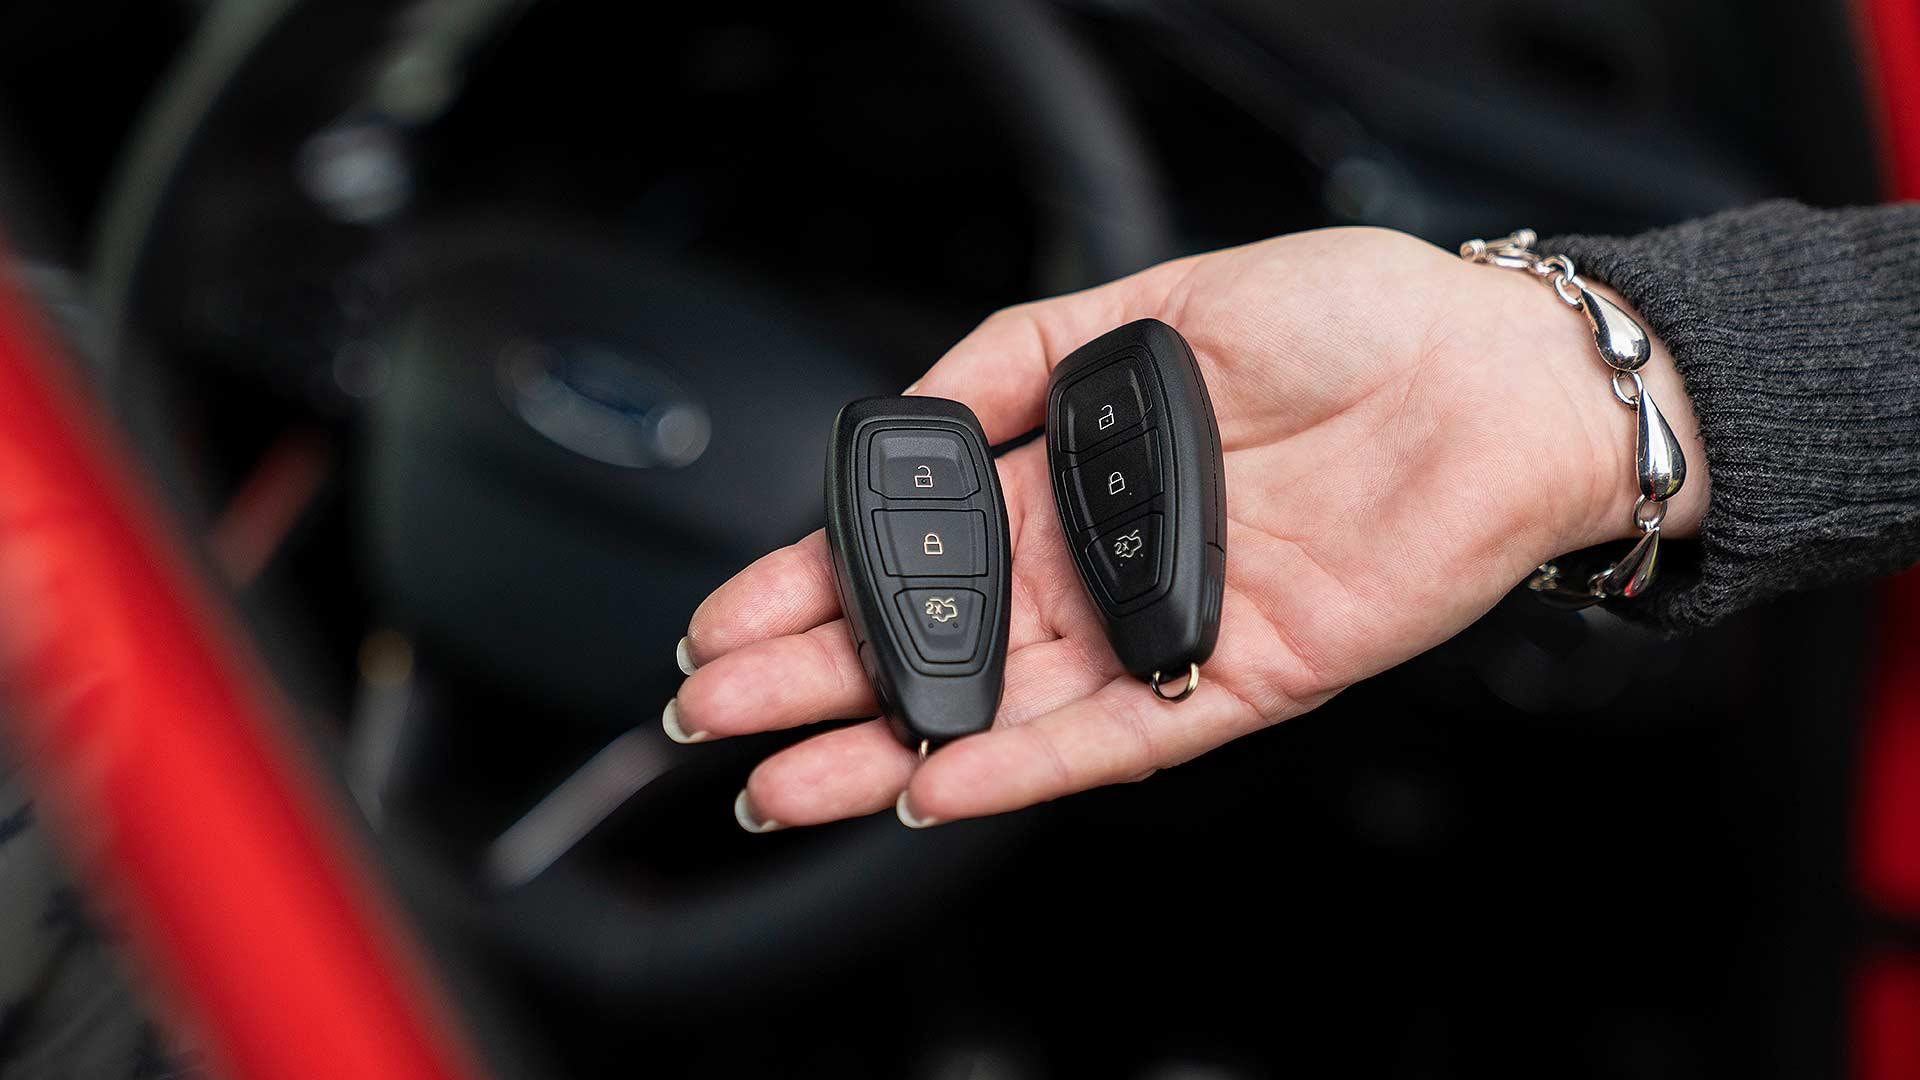 New smart Ford keyfobs